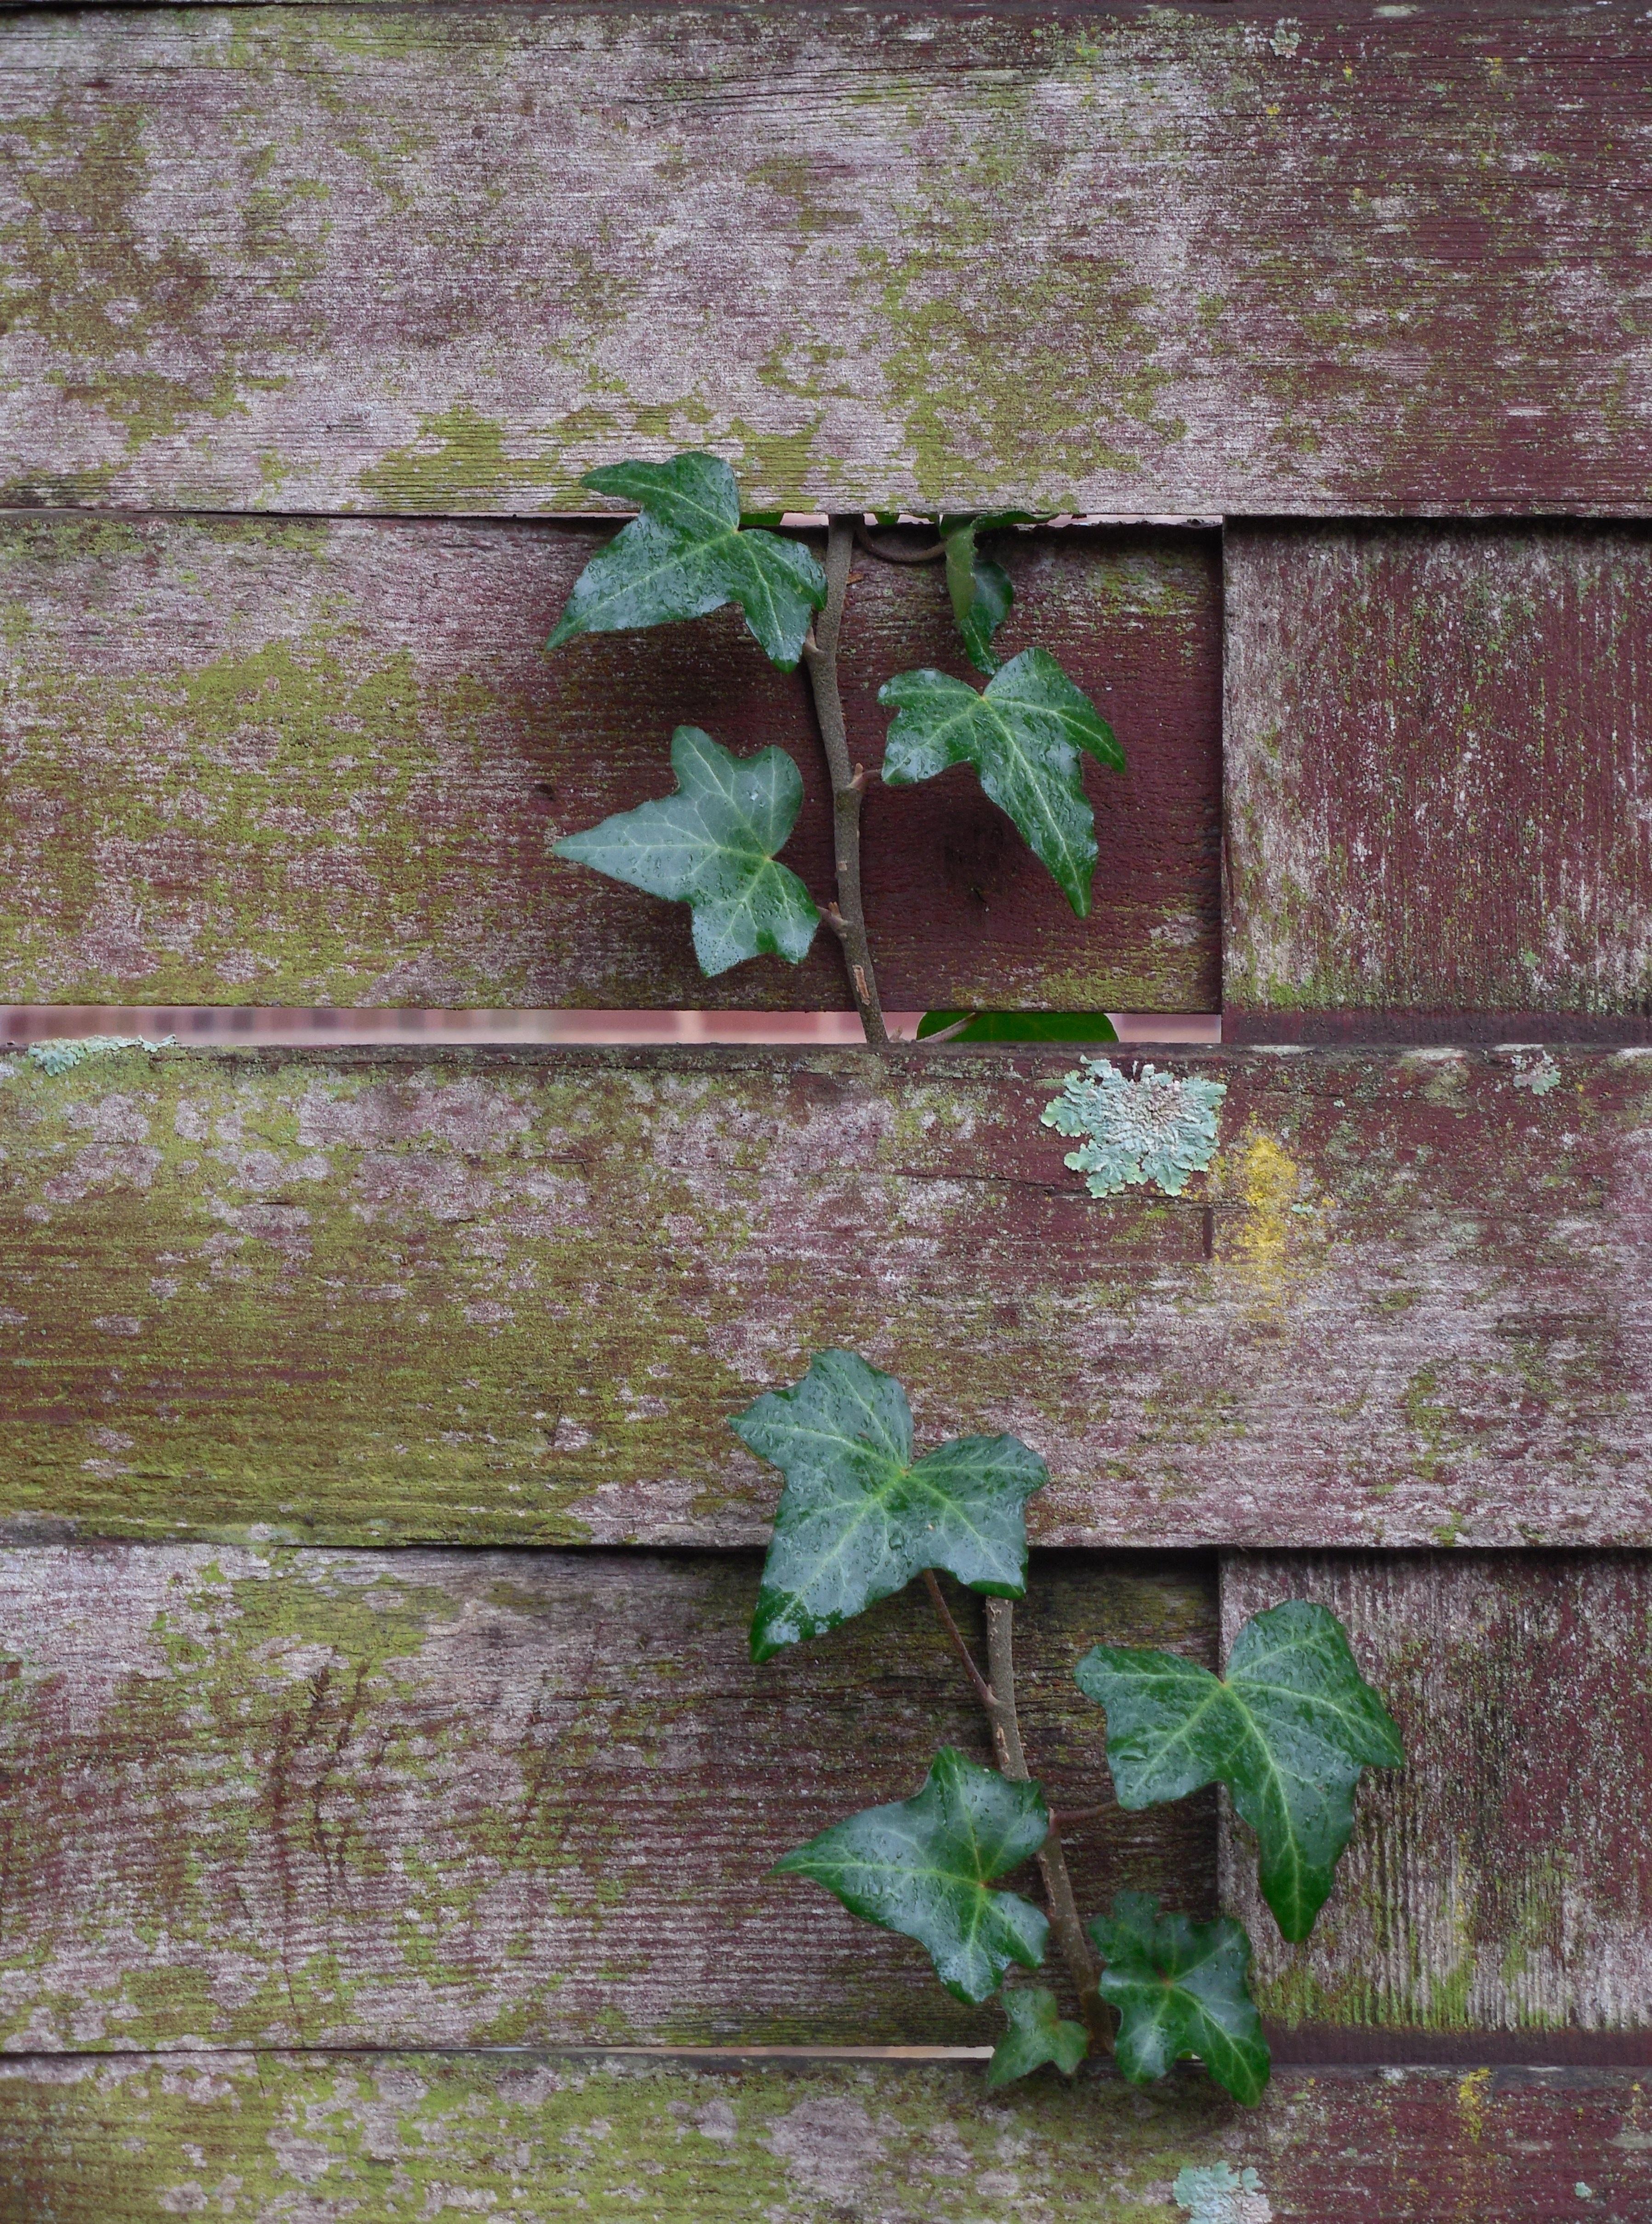 무료 이미지 : 나무, 잔디, 집 밖의, 판, 목재, 포도 수확 ...